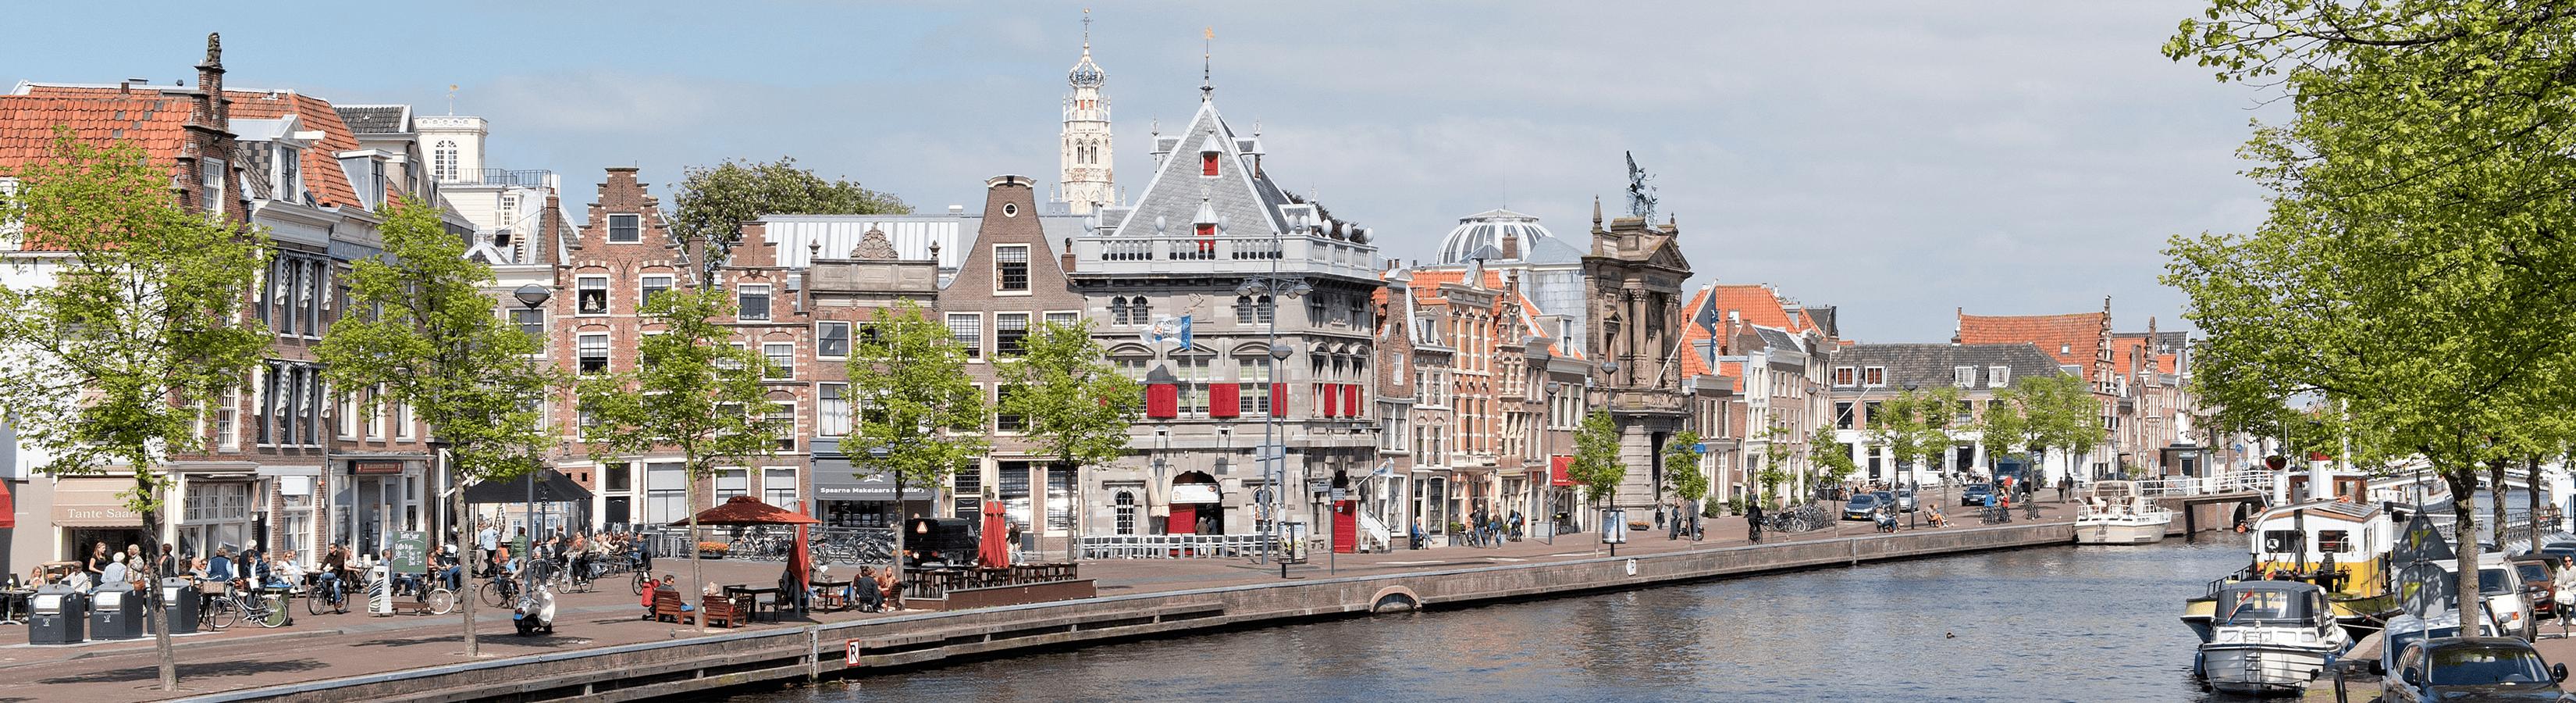 Wonen-in-Haarlem